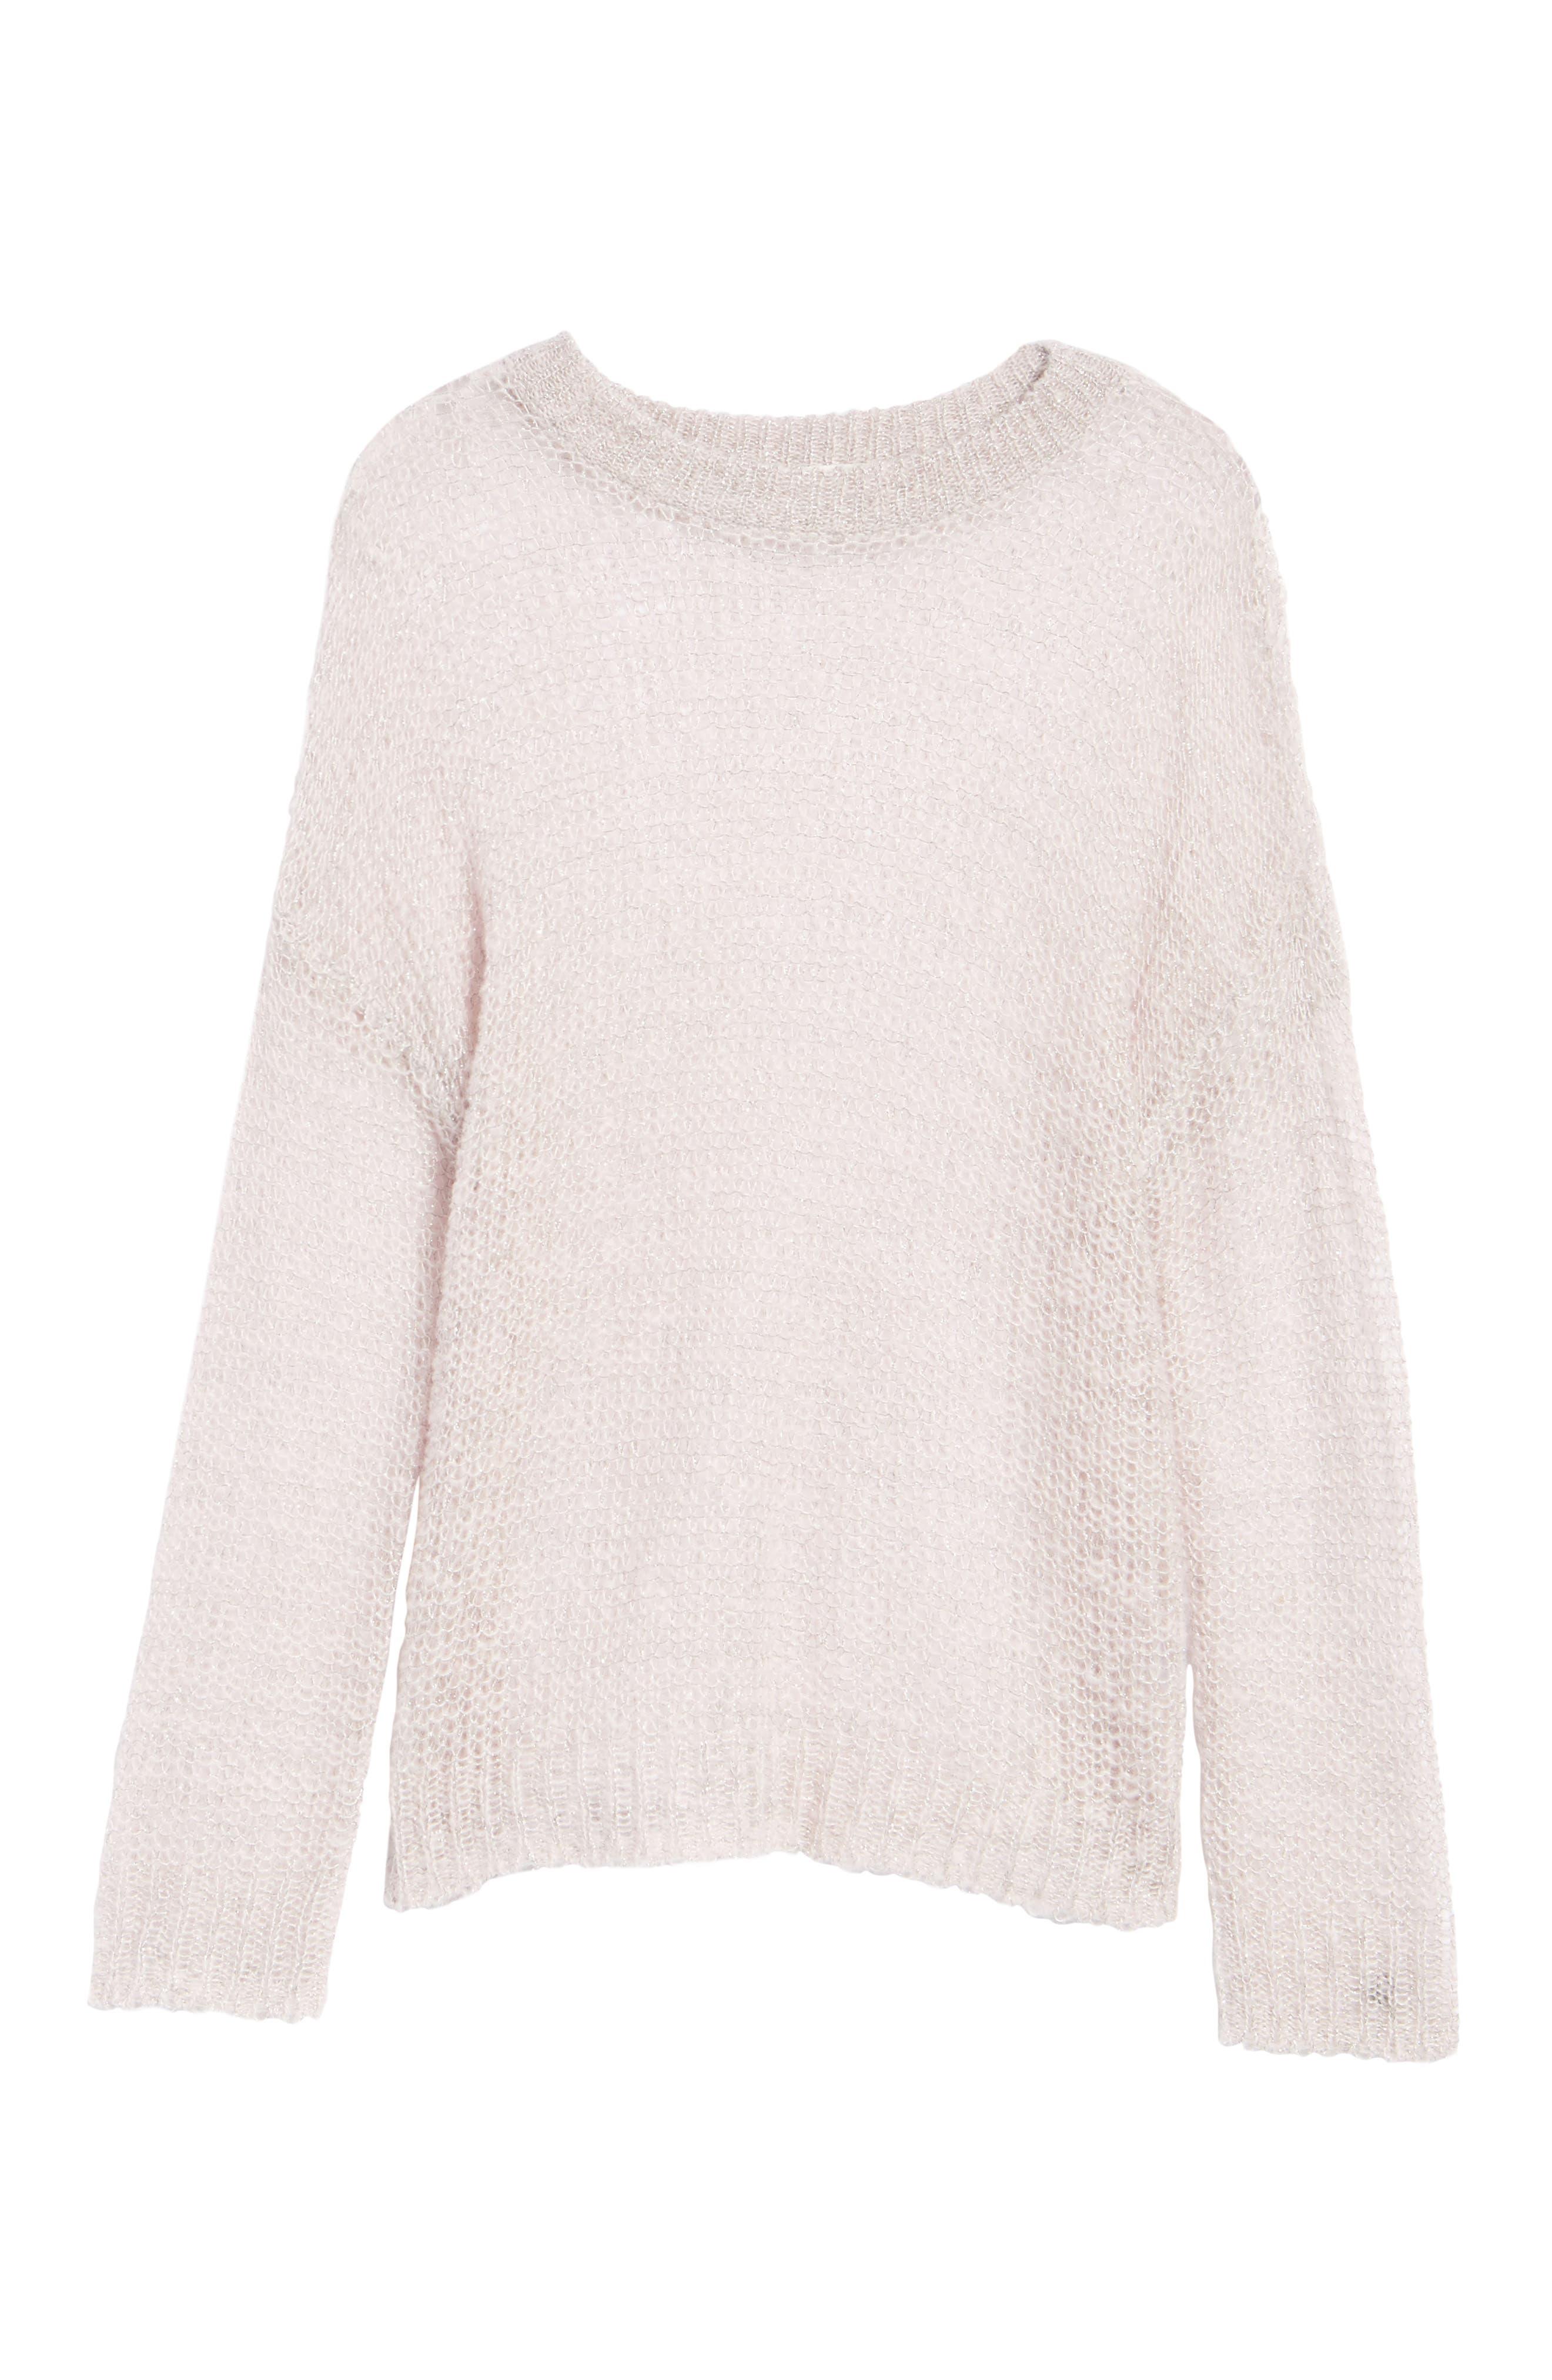 x Something Navy Sheer Metallic Sweater,                             Alternate thumbnail 6, color,                             Pink Parfait Combo